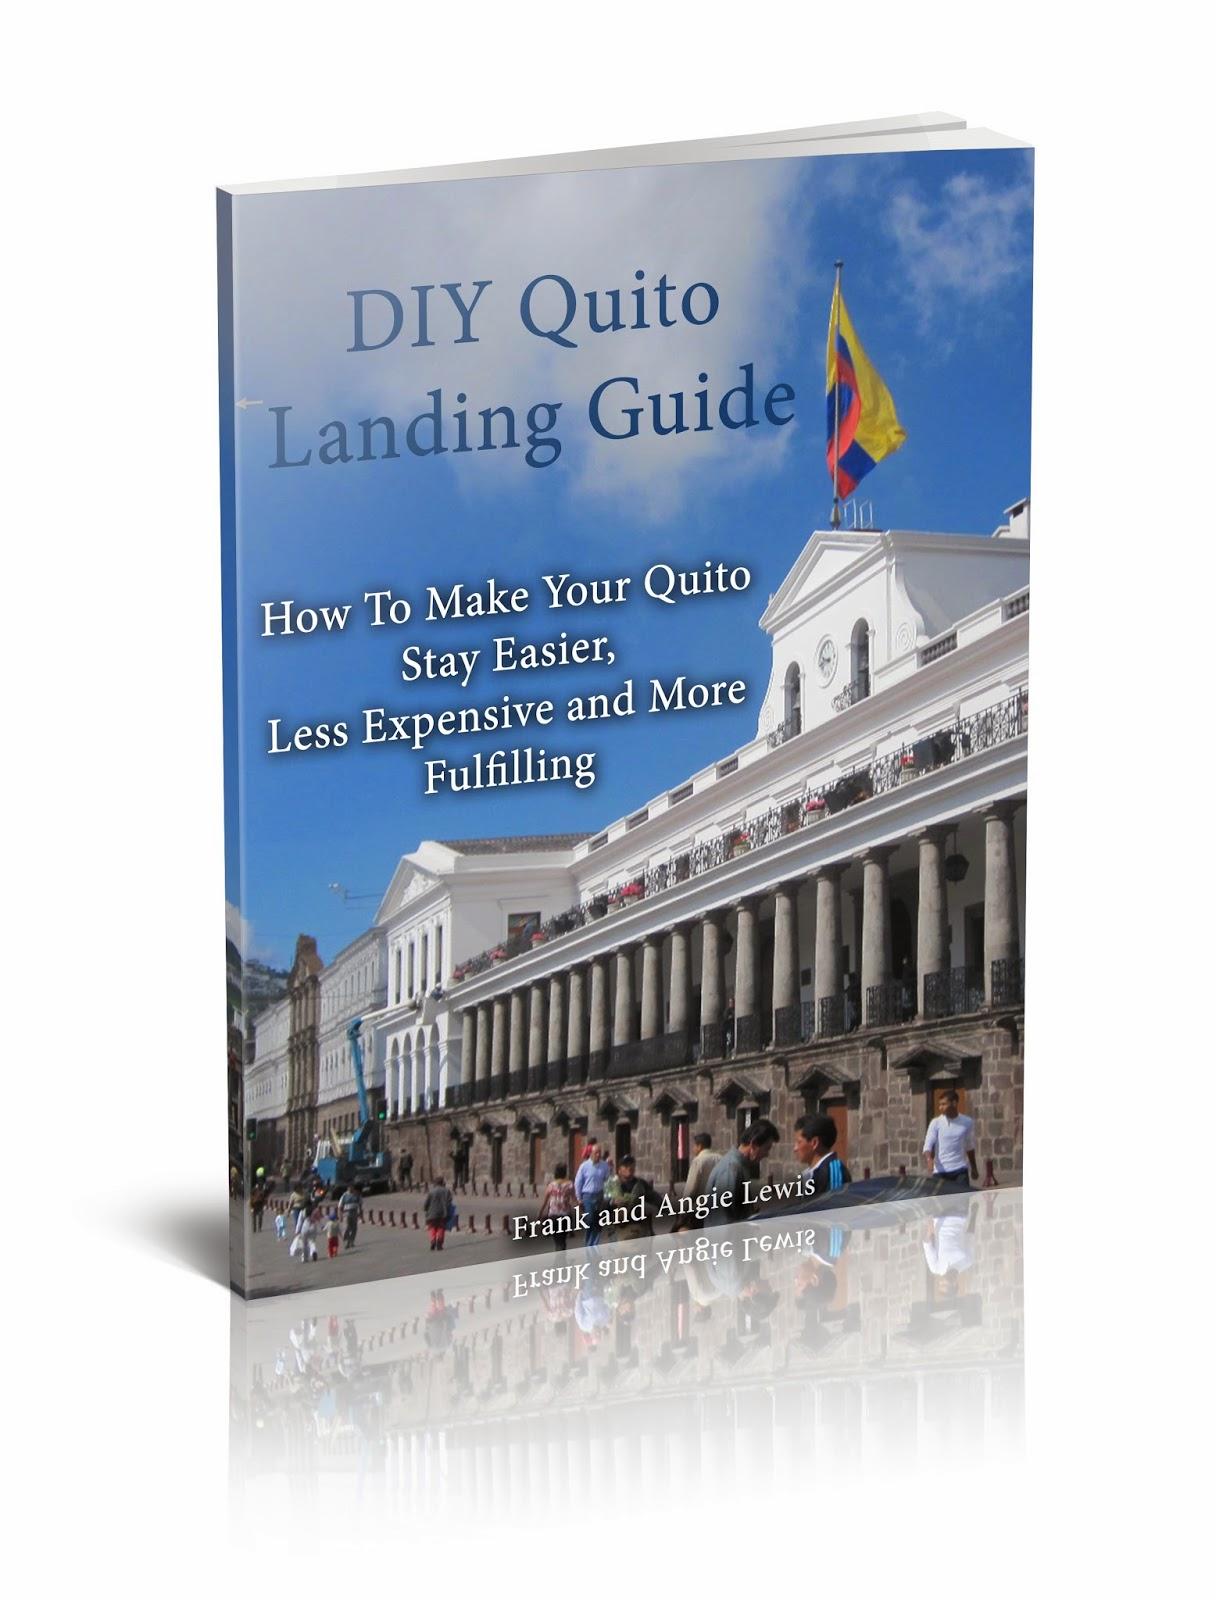 http://www.discoverquitoecuador.com/p/diy-quito-landing-guide.html